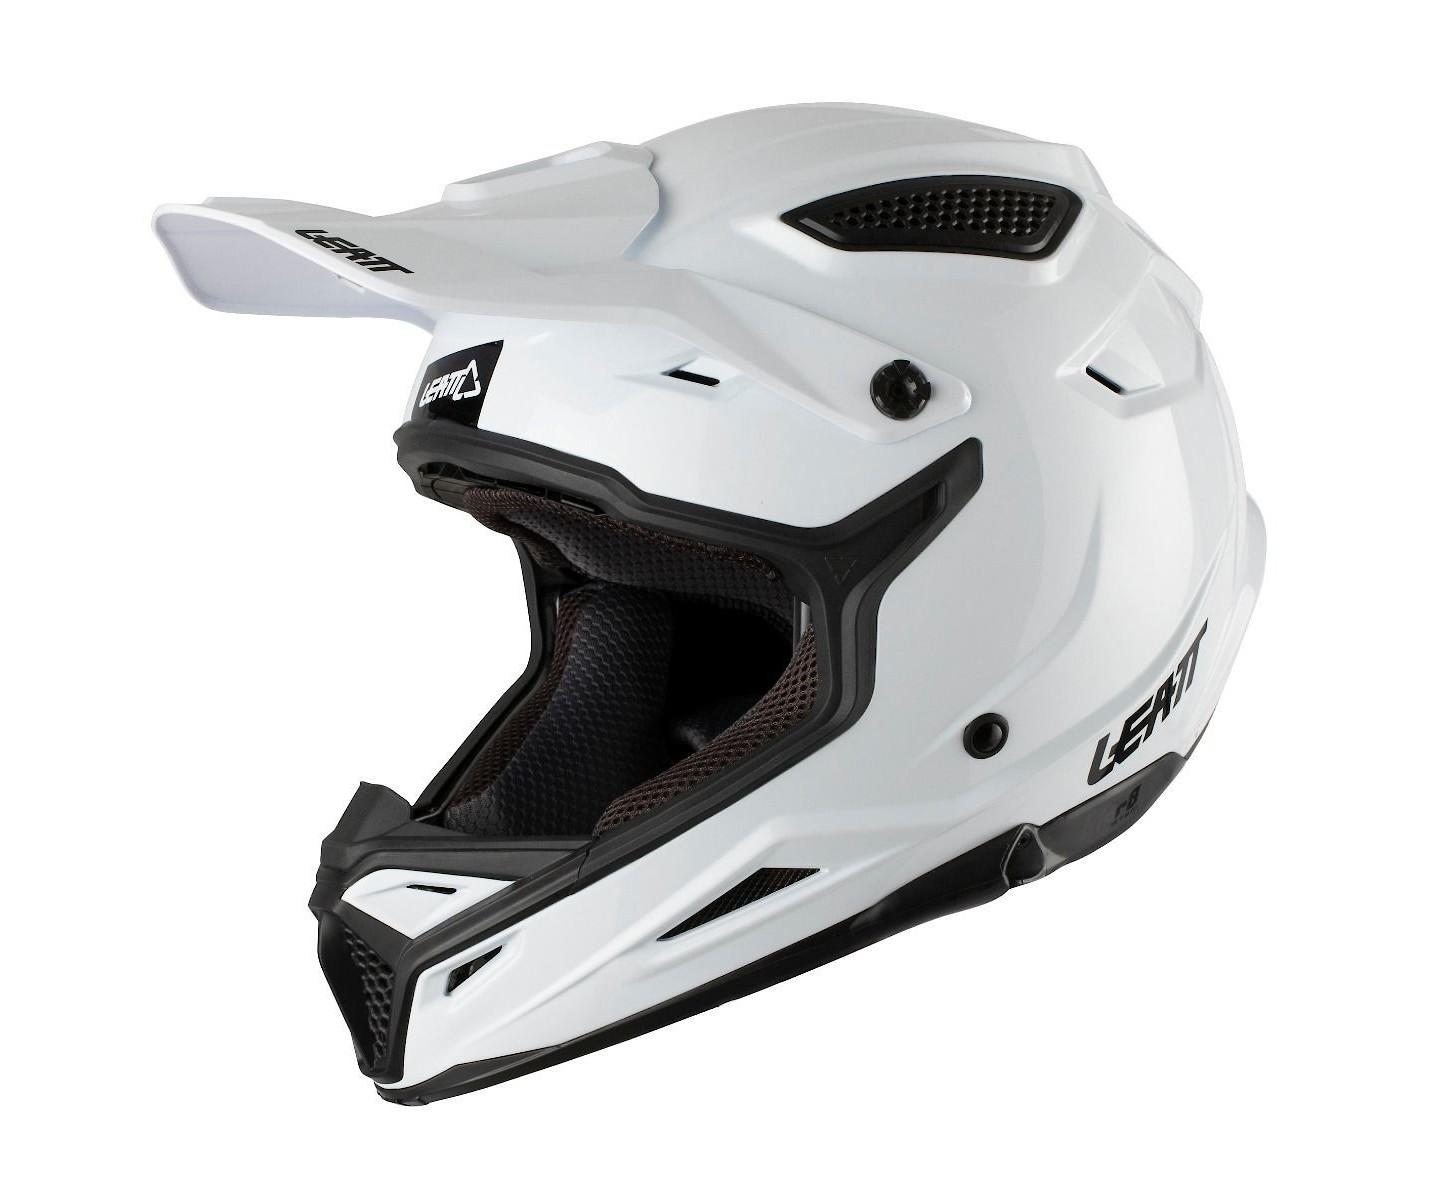 helmet_gpx_4.5_solidwht_2018_3